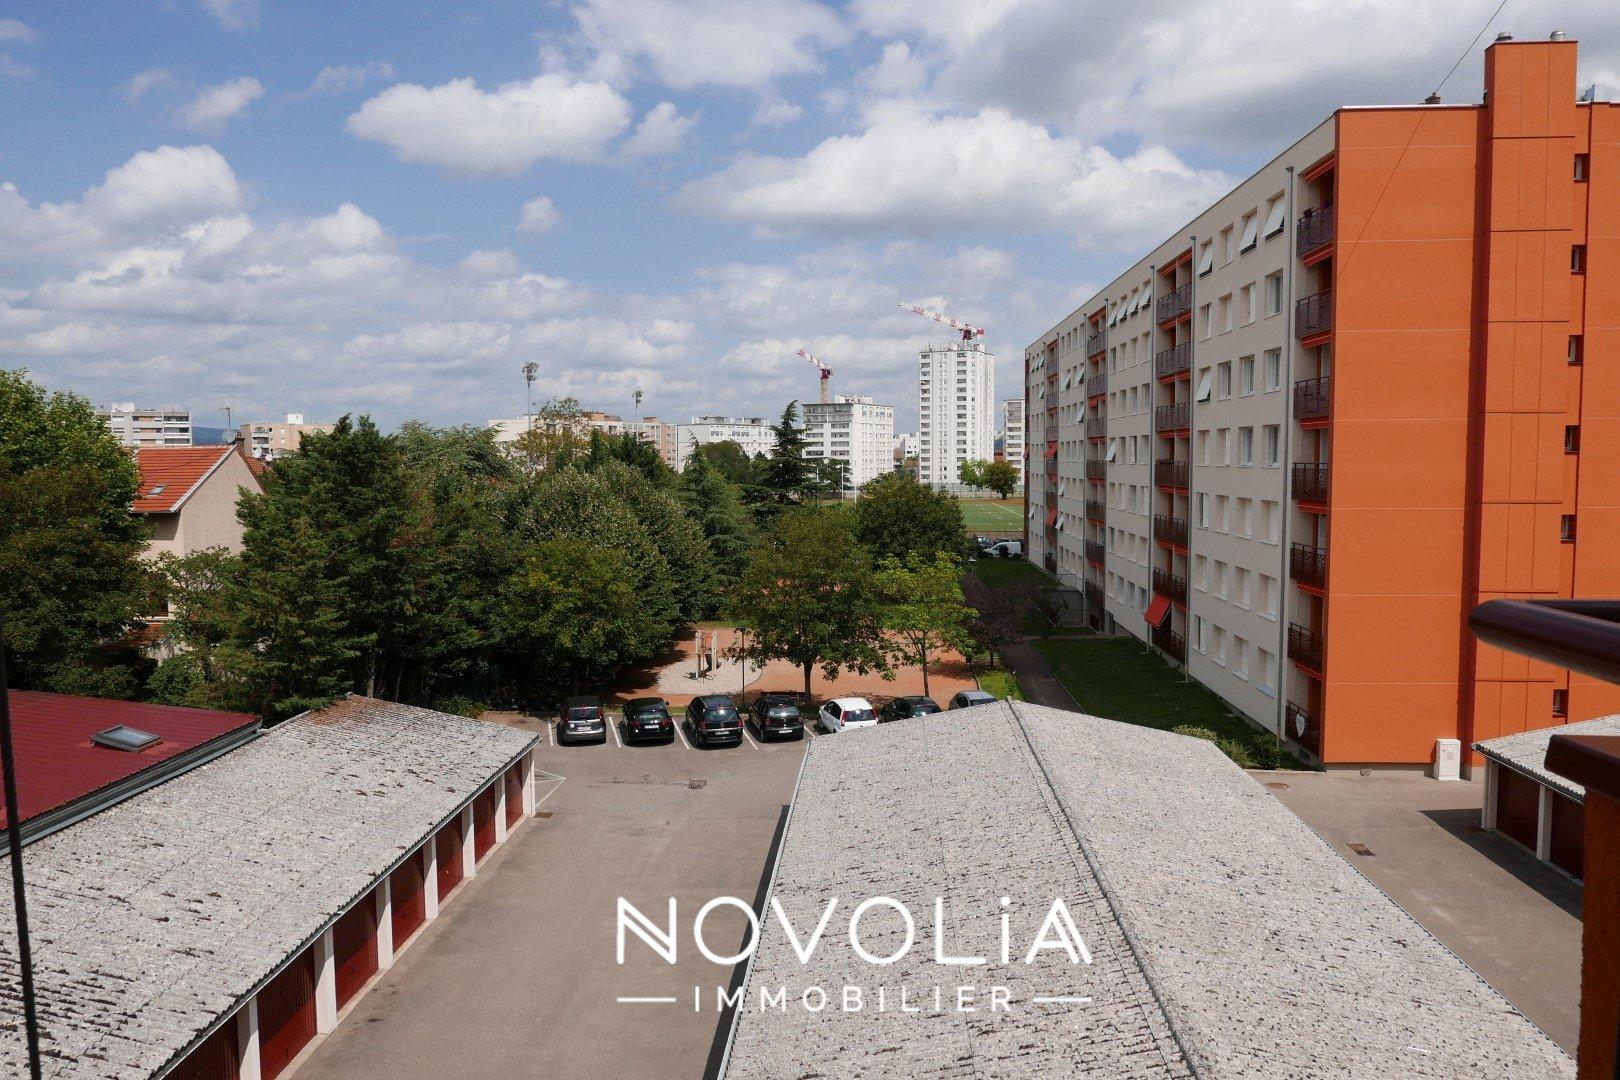 Achat Appartement, Surface de 67 m²/ Total carrez : 67 m², 3 pièces, Villeurbanne (69100)